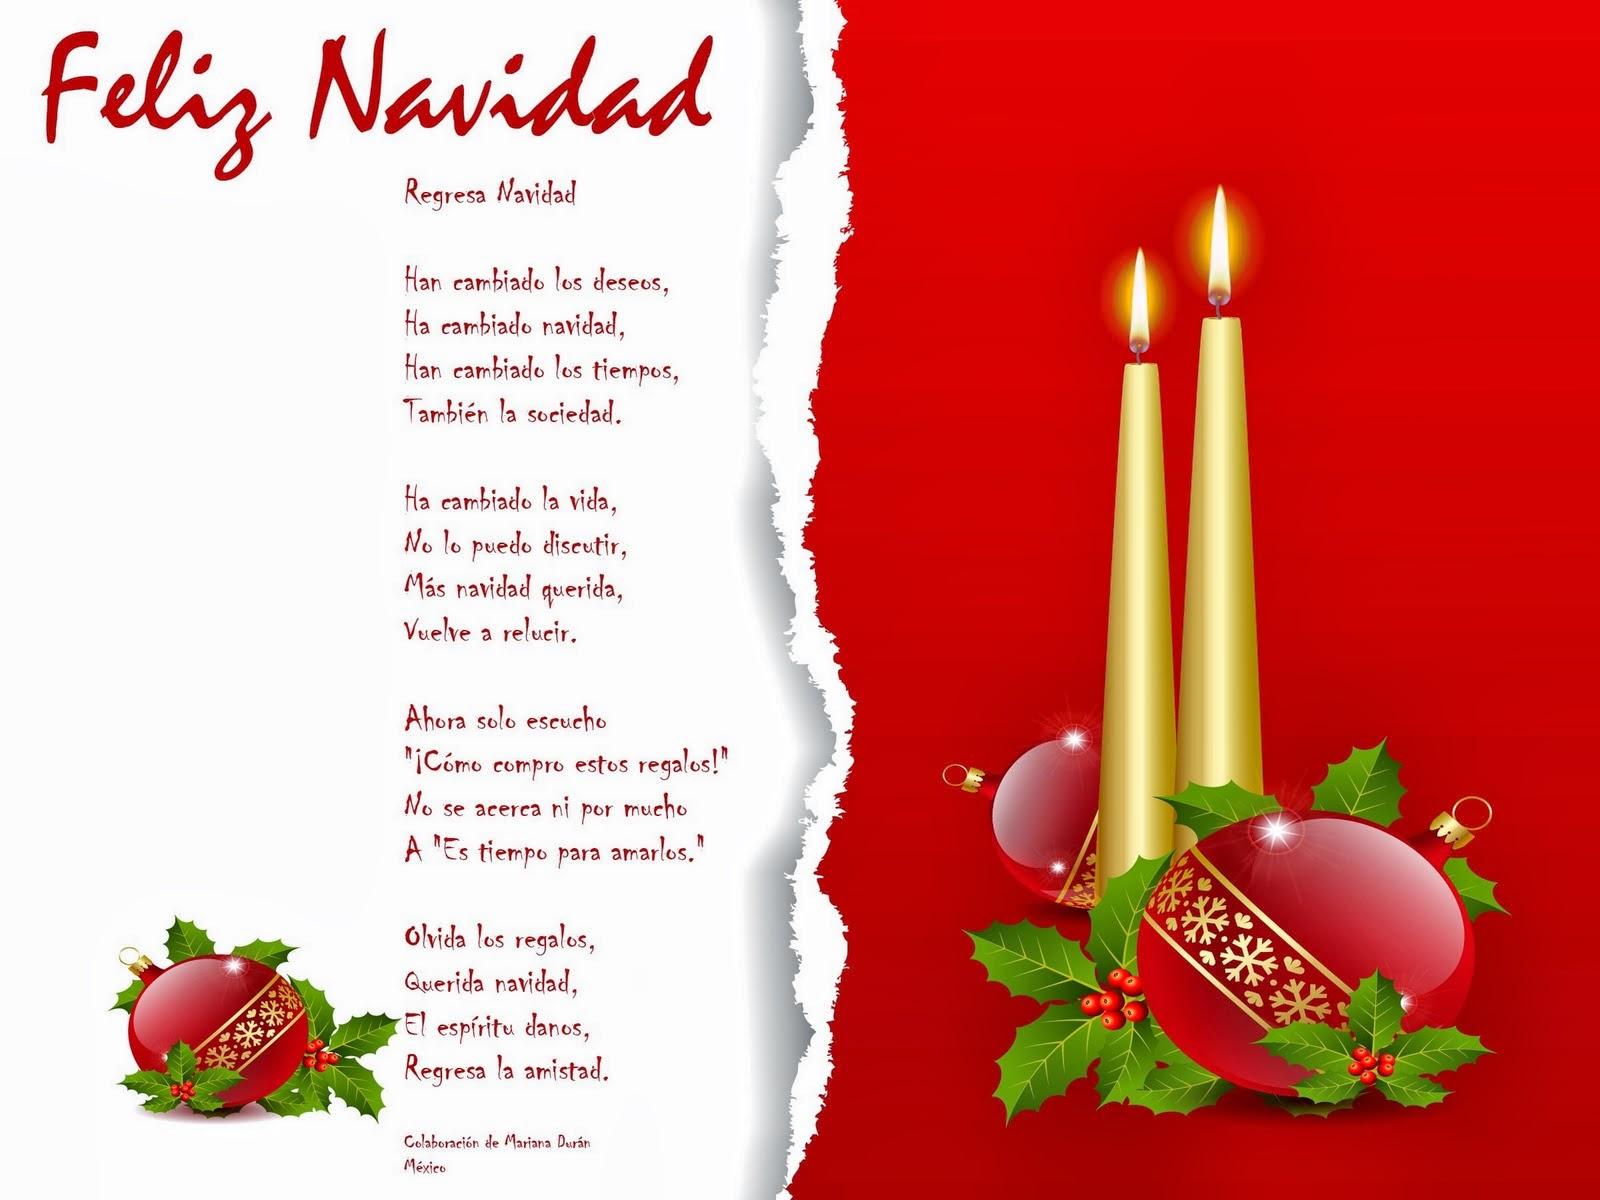 Imagenes navide as para felicitar la navidad - Imagenes de navidad para imprimir gratis ...